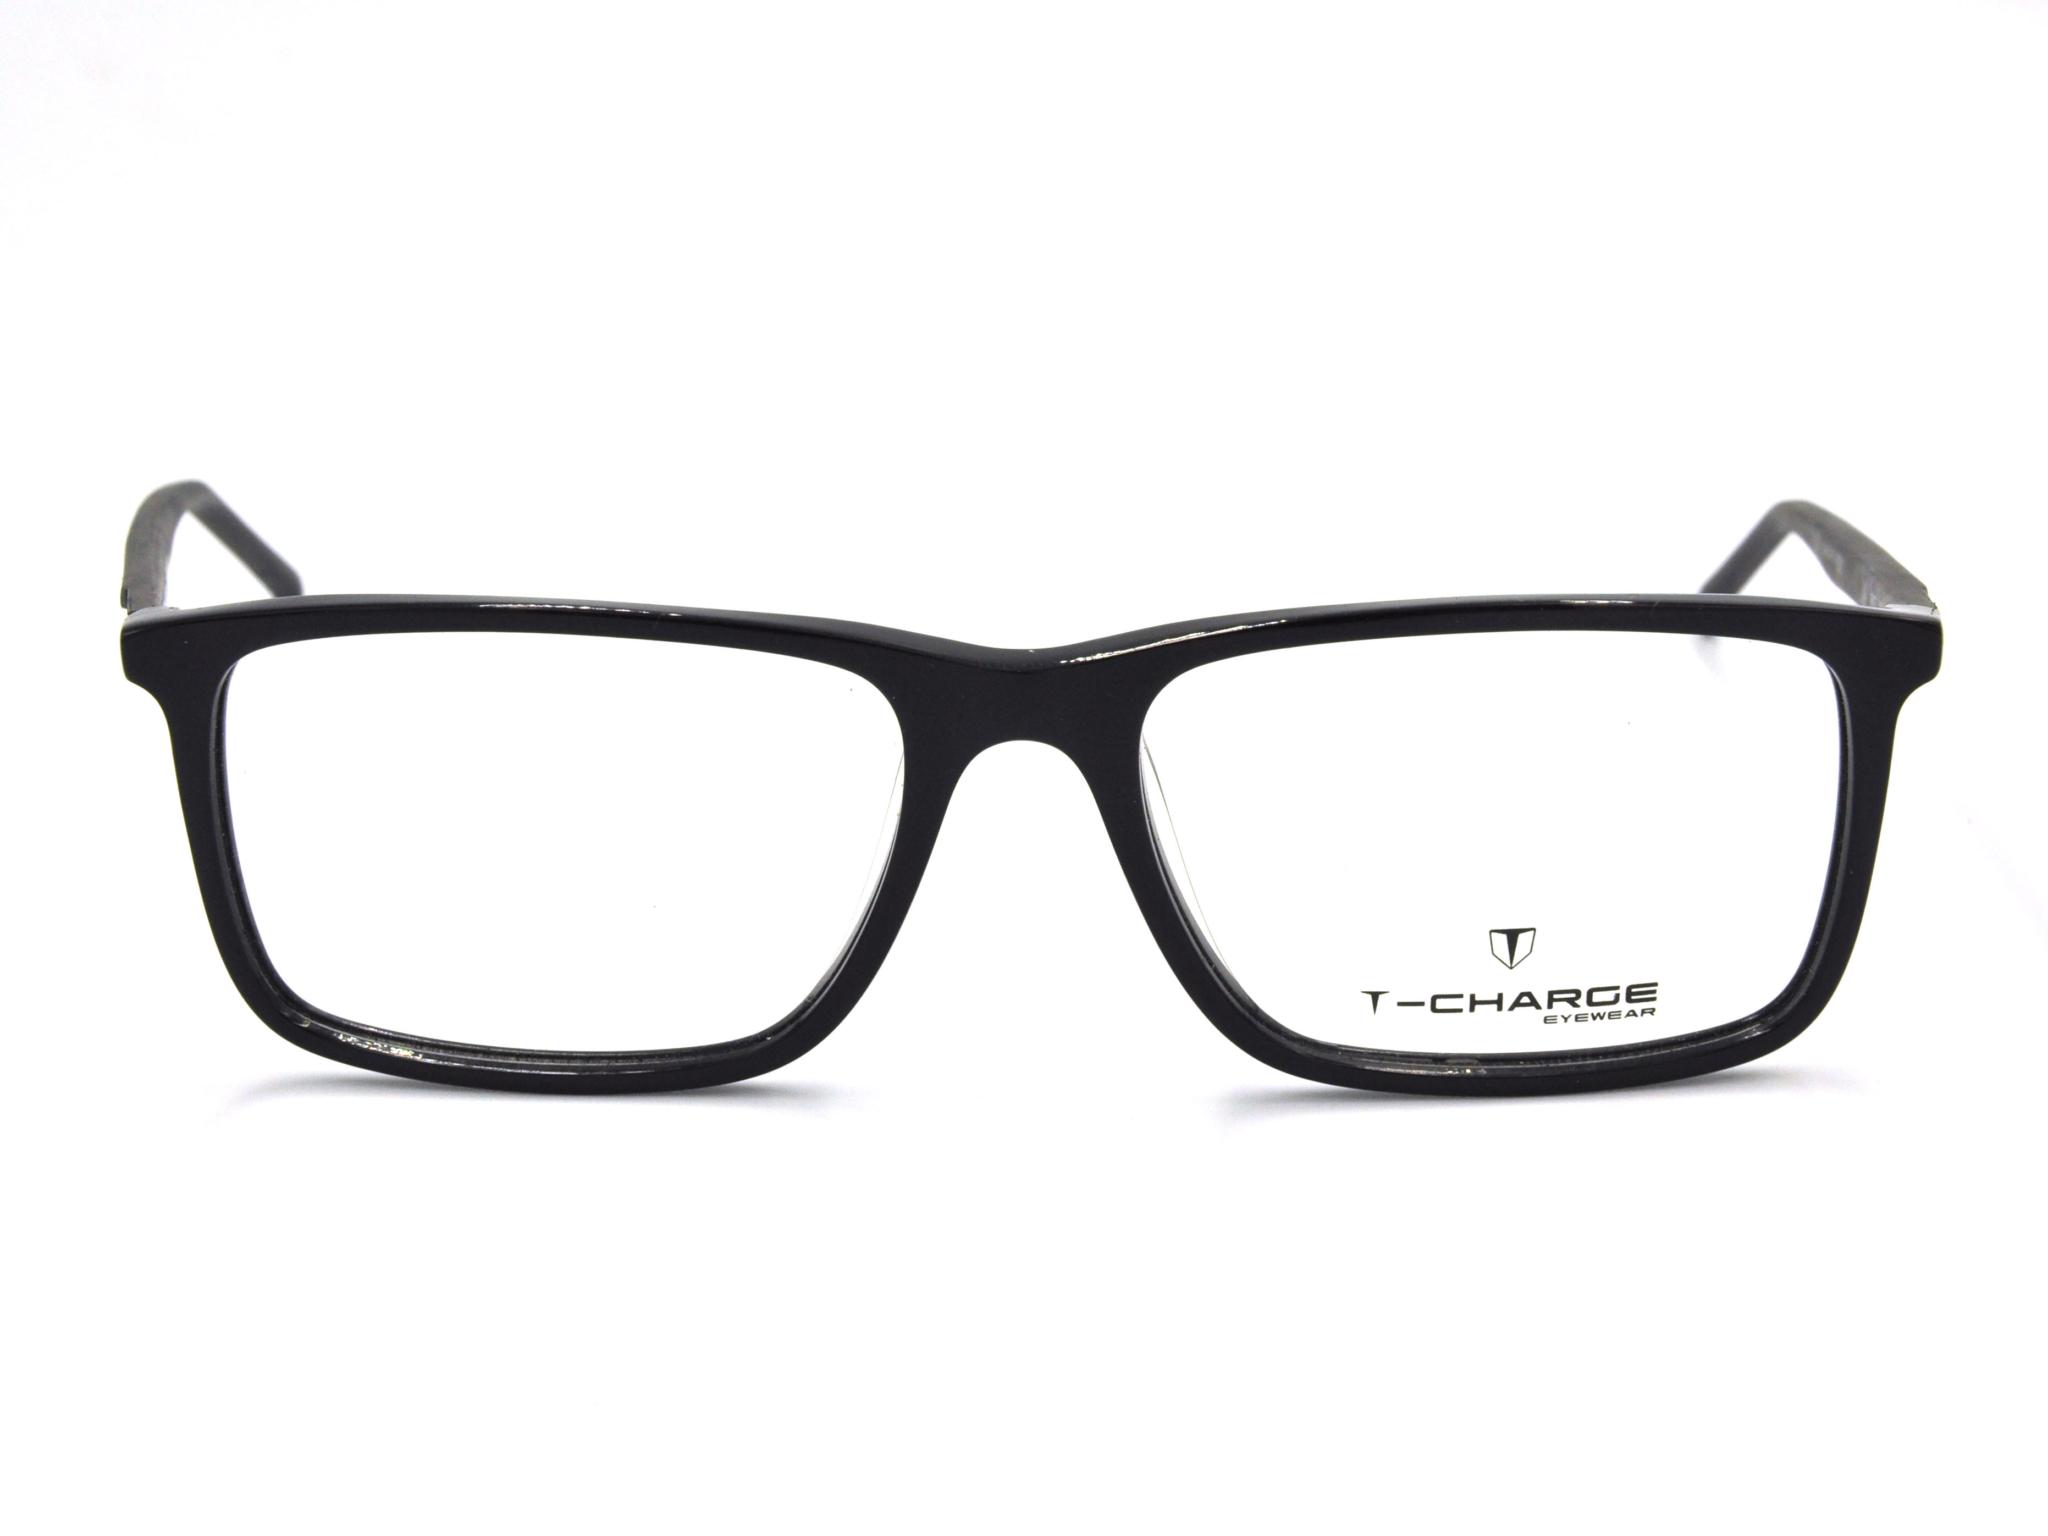 Γυαλιά οράσεως T CHARGE T6053 A01 Πειραιάς